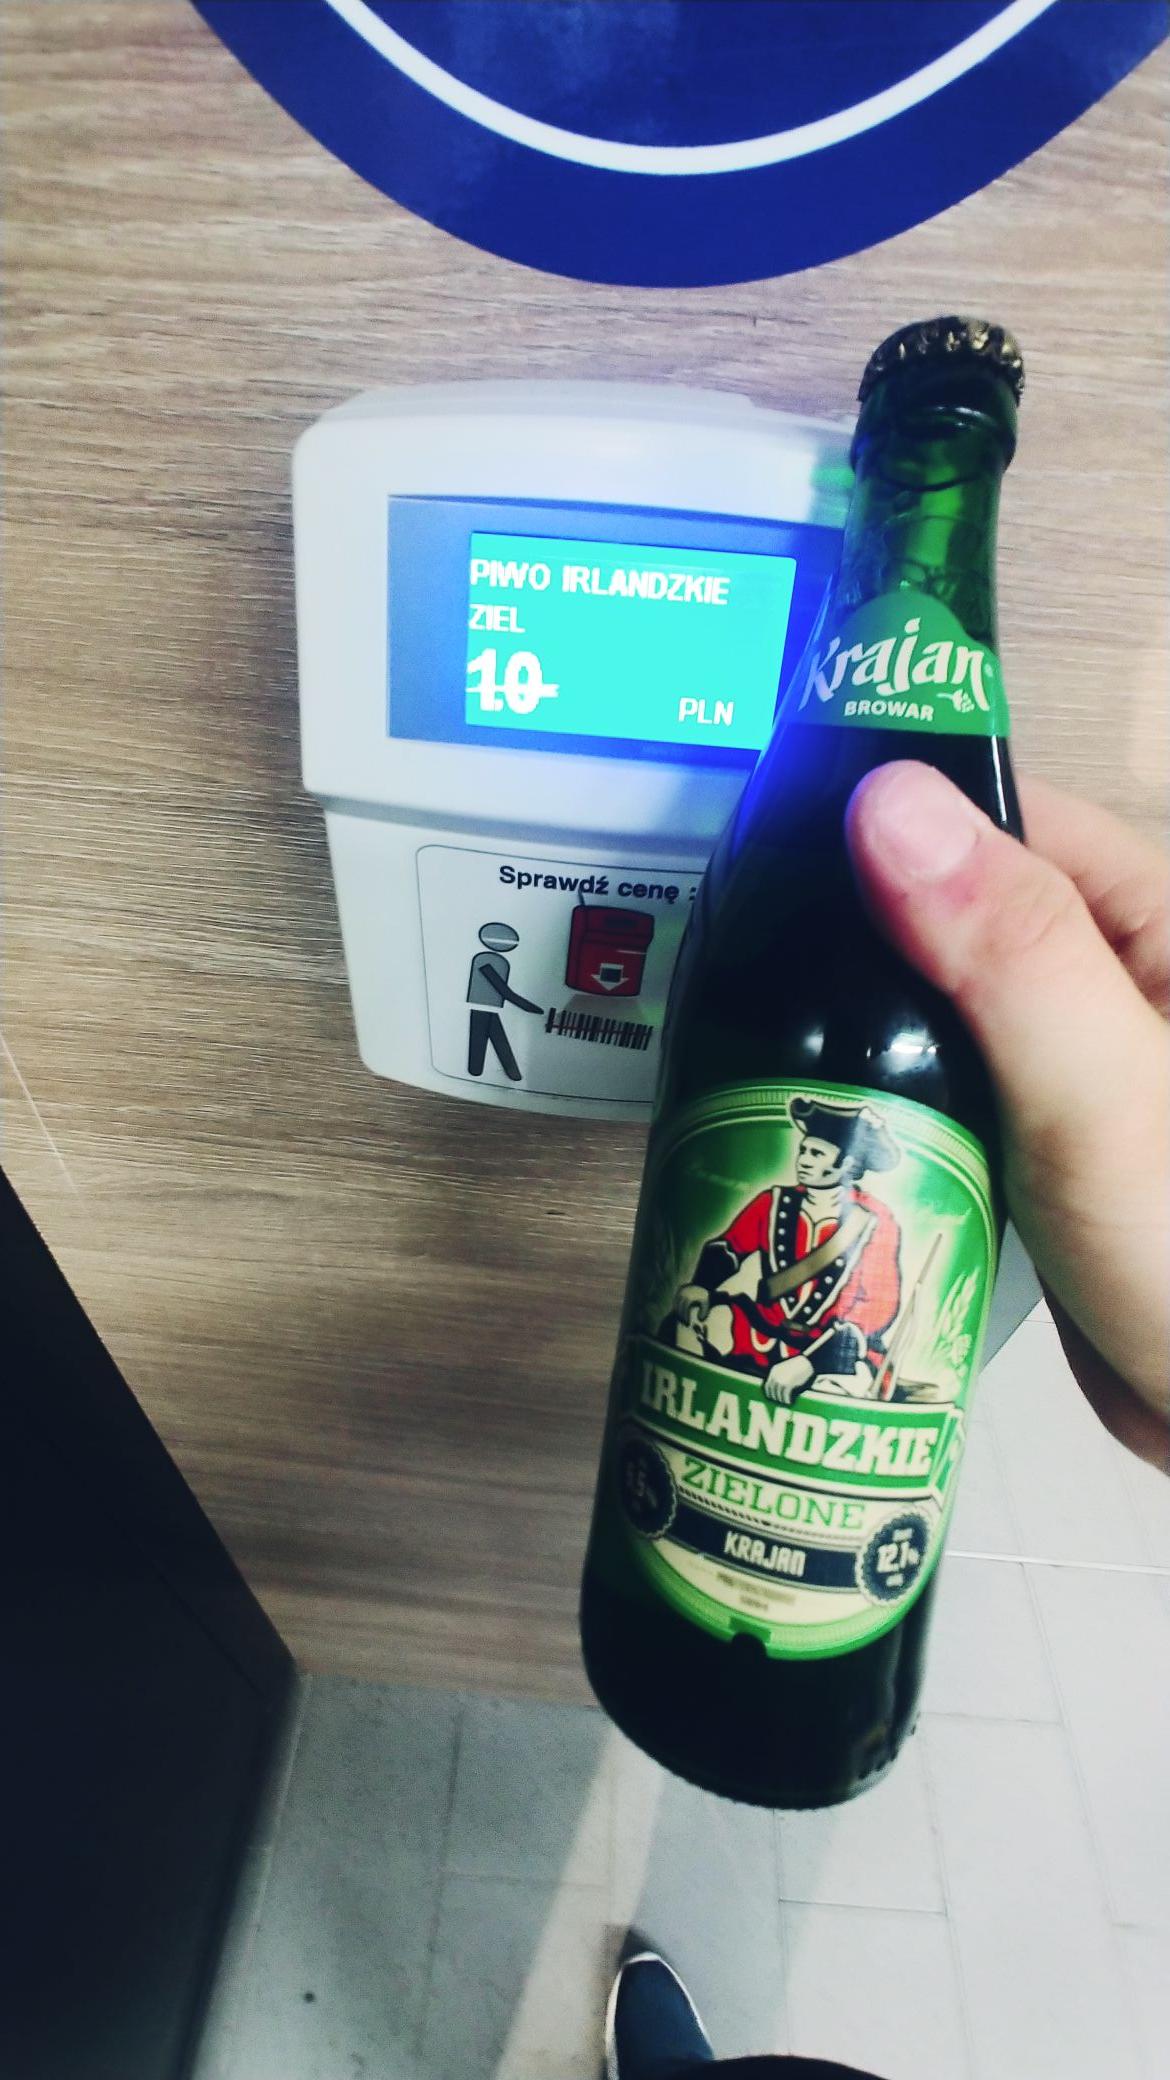 Piwo Browar Krajan Irlandzkie Zielone 5.5% Aldi